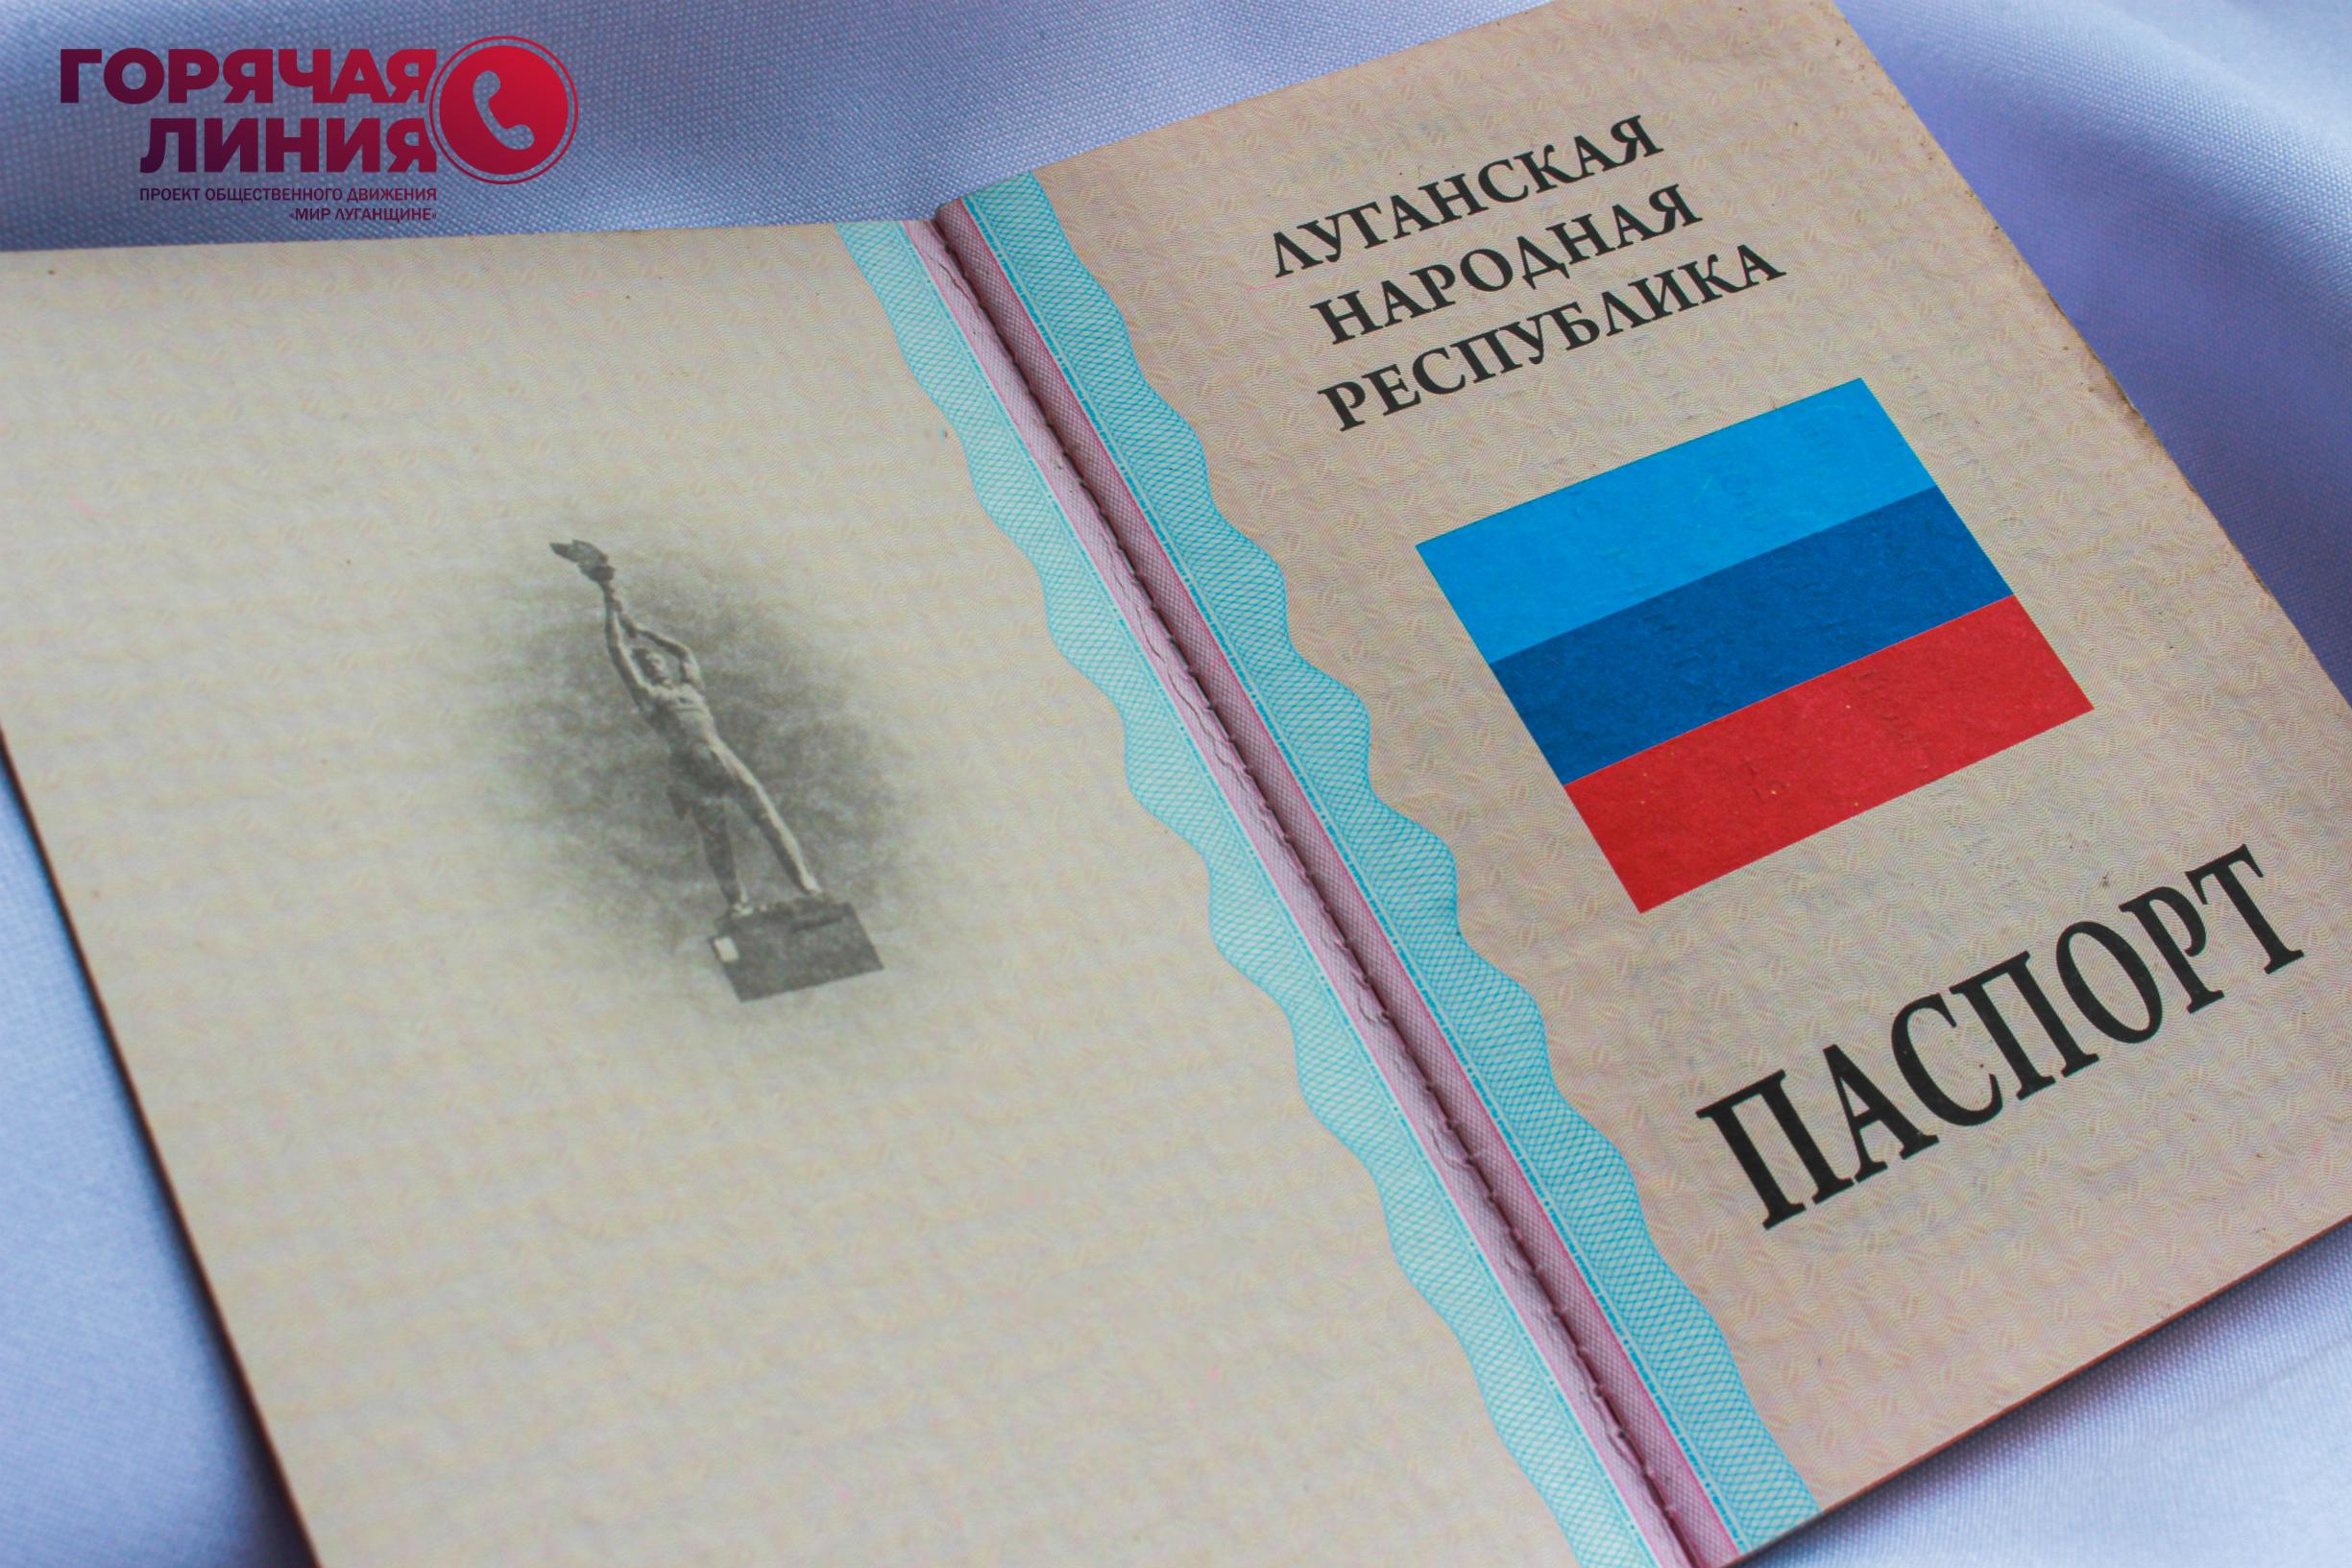 «Горячая линия» разъясняет: кто может получить паспорт ЛНР? 1